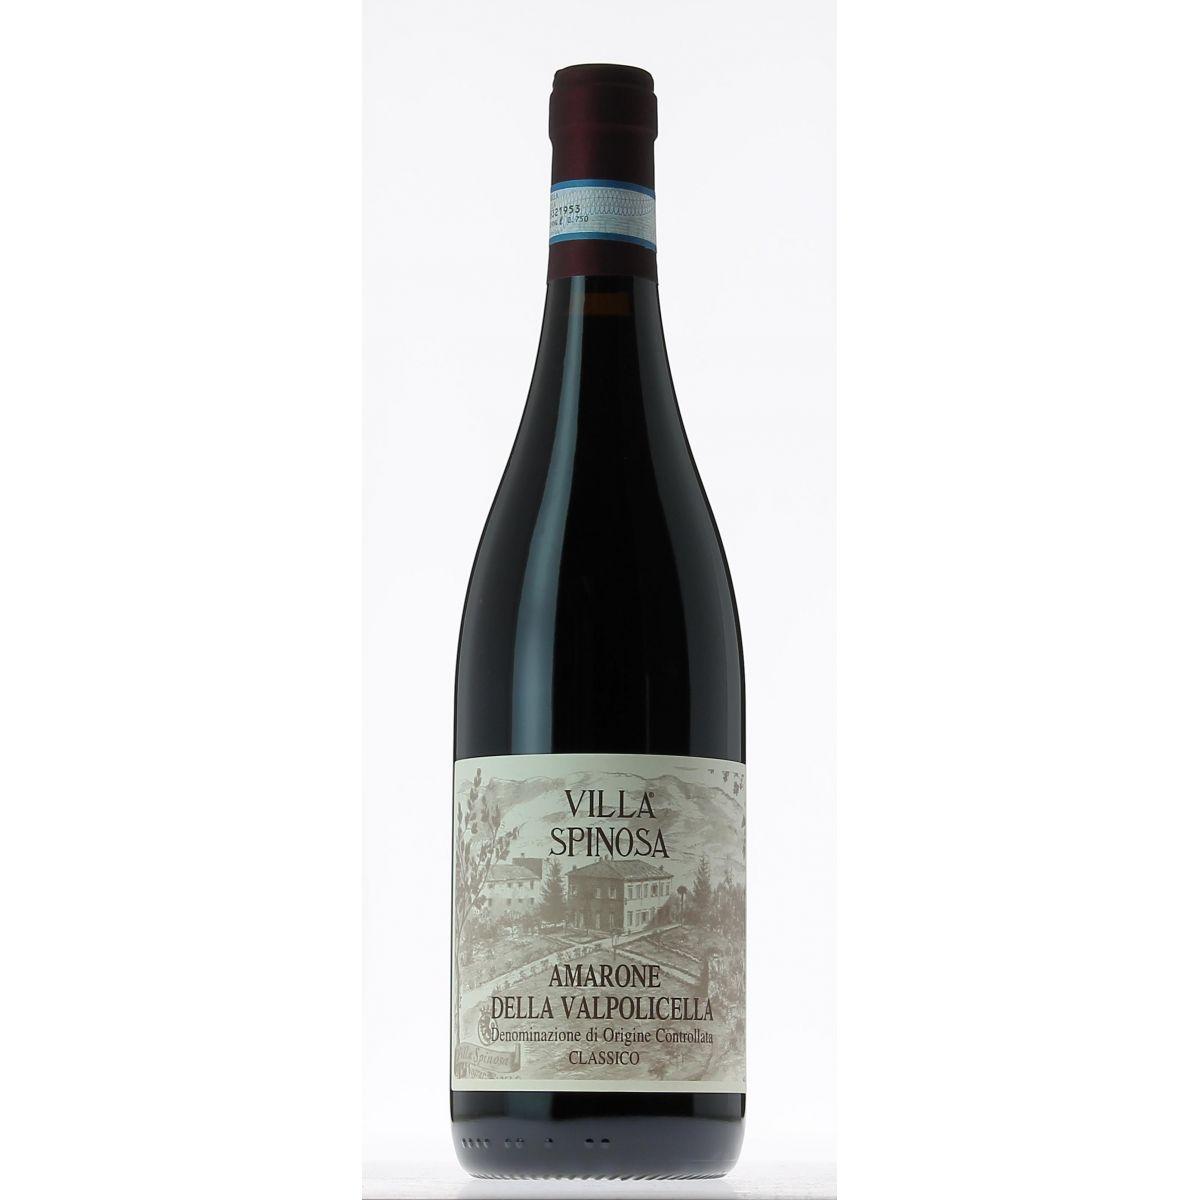 Vinho Italiano Amarone Della Valpolicella Classico Villa Spinosa 2004(750ml)